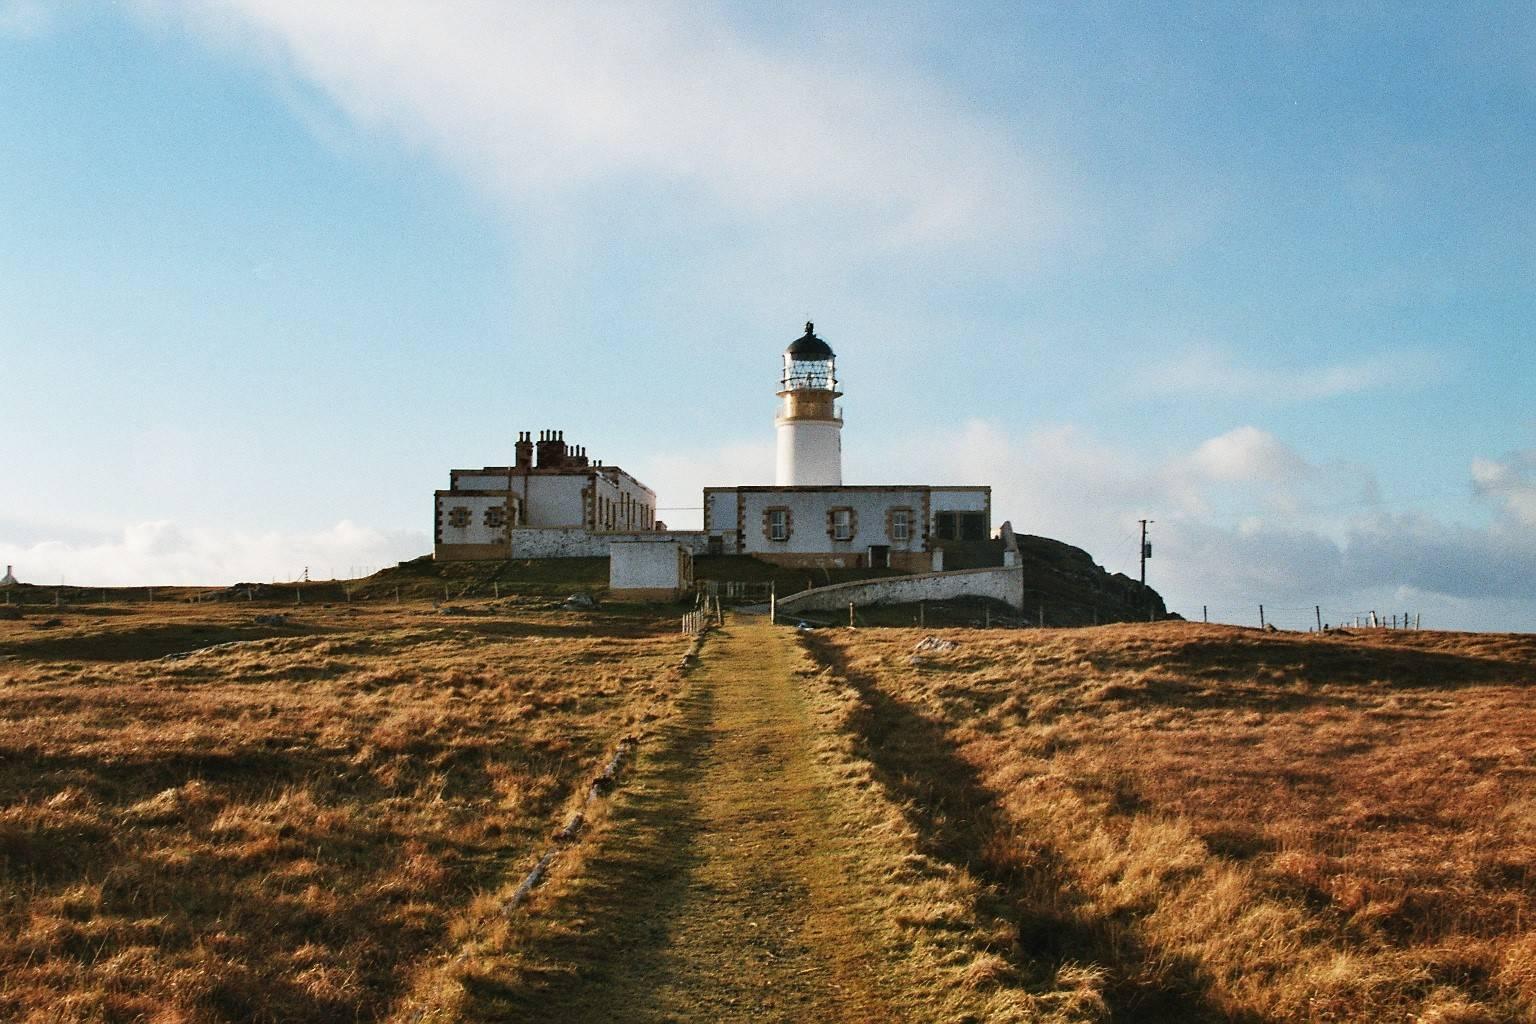 Photo 1: The Neist Point, au point le plus à l'Ouest de l'Écosse 🌍